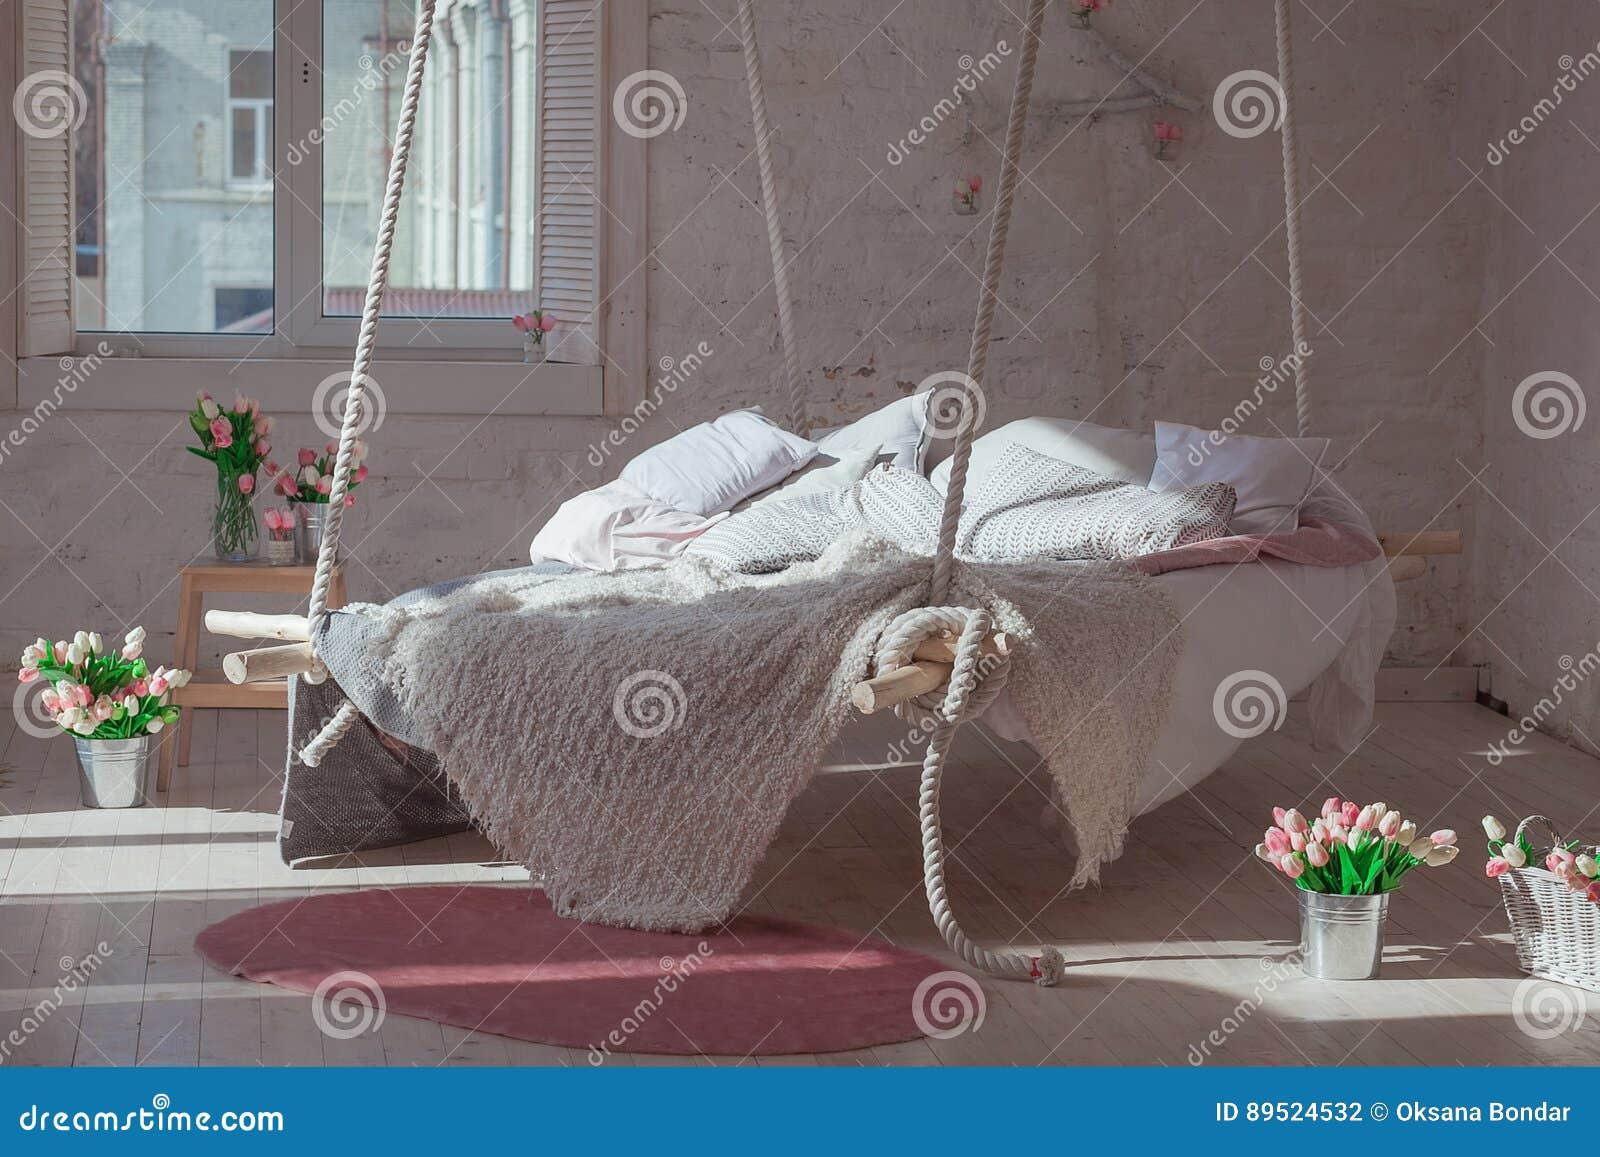 Faszinierend Hängendes Bett Referenz Von P